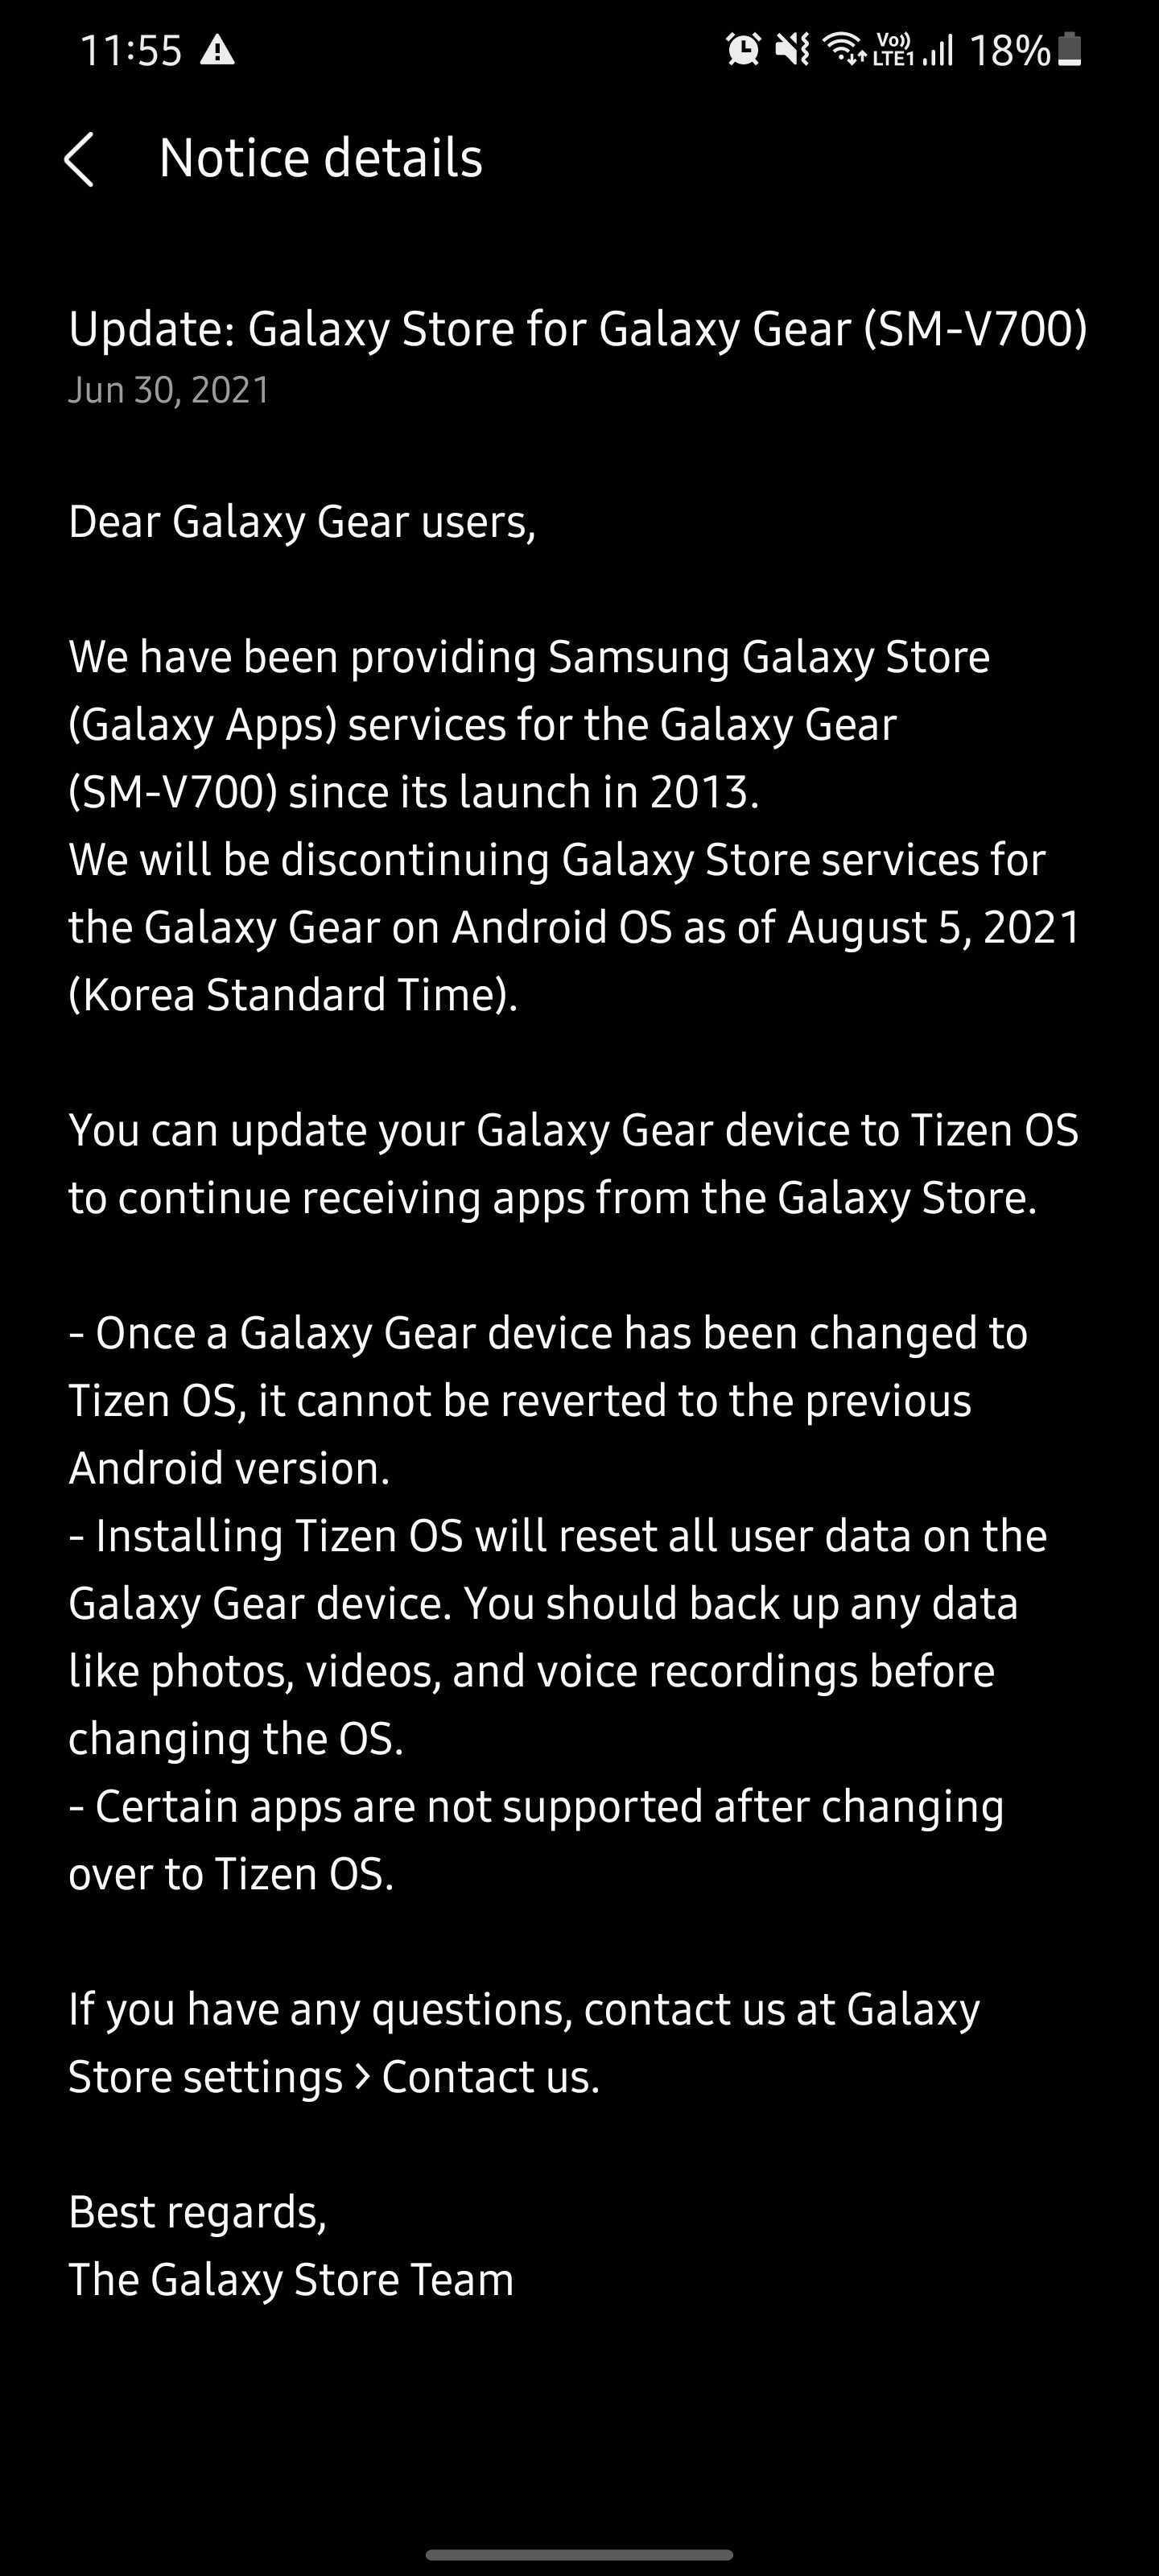 Samsung Galaxy Gear 앱 지원